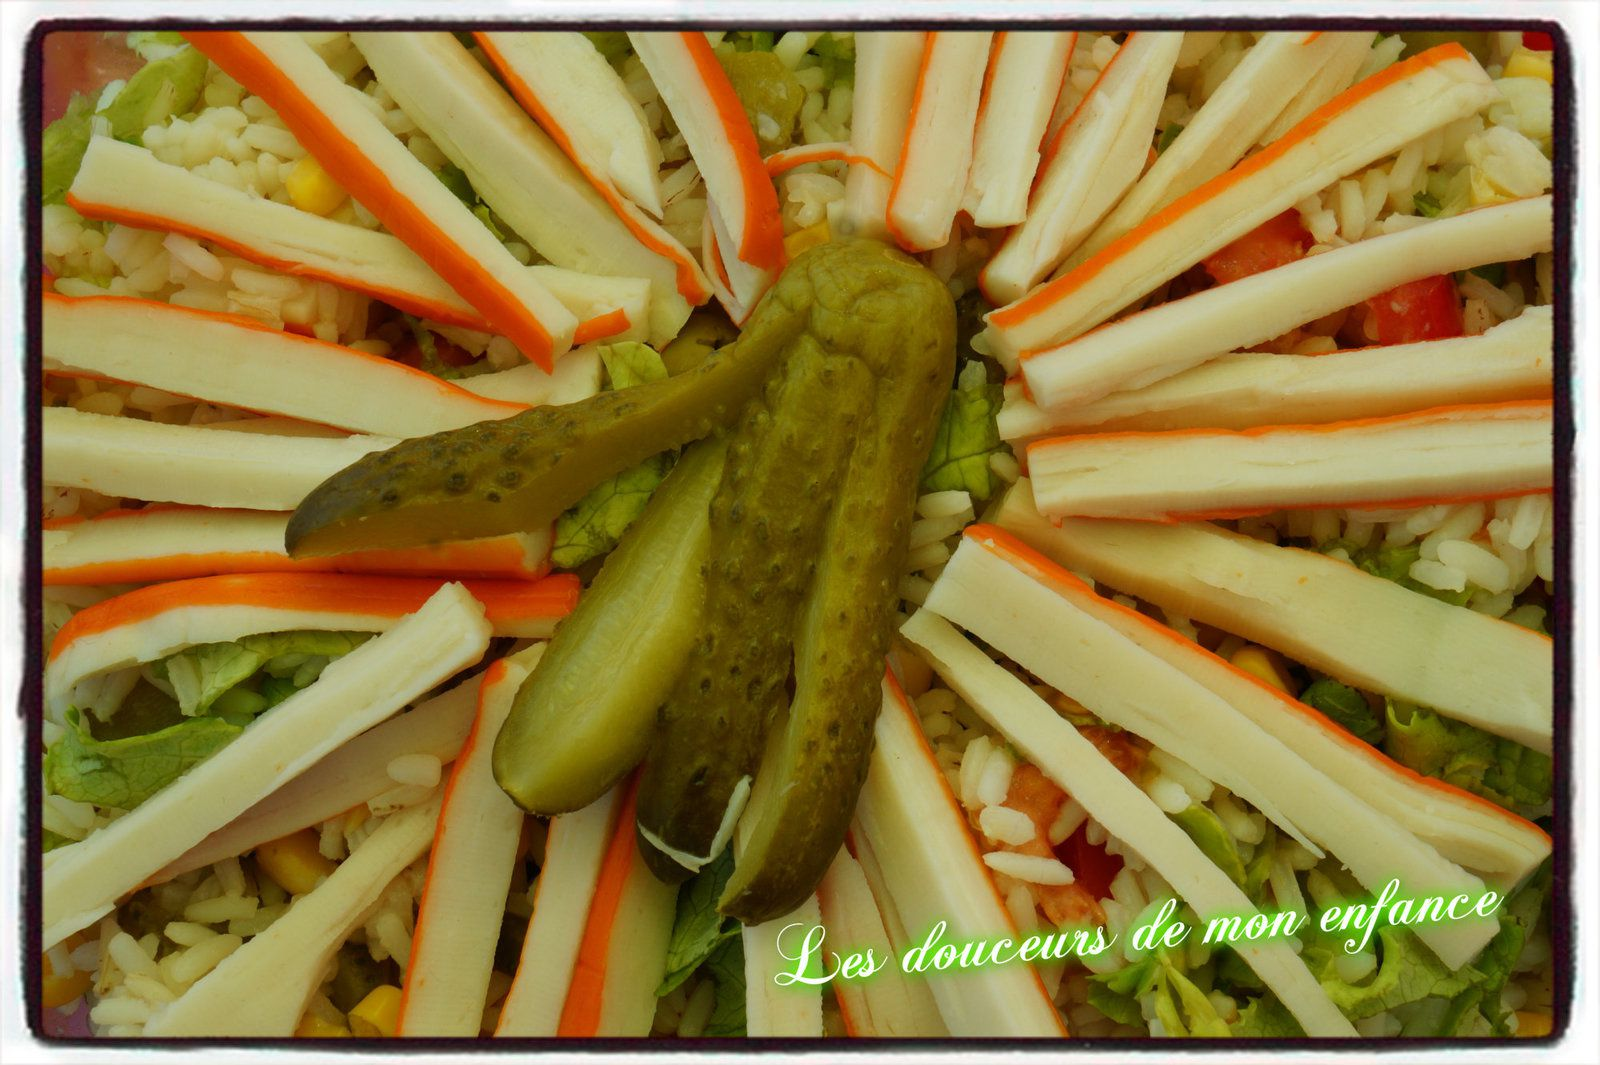 Salade de riz et sauce vinaigrette à la Moutarde Mirabelle de RAIFALSA - ALELOR